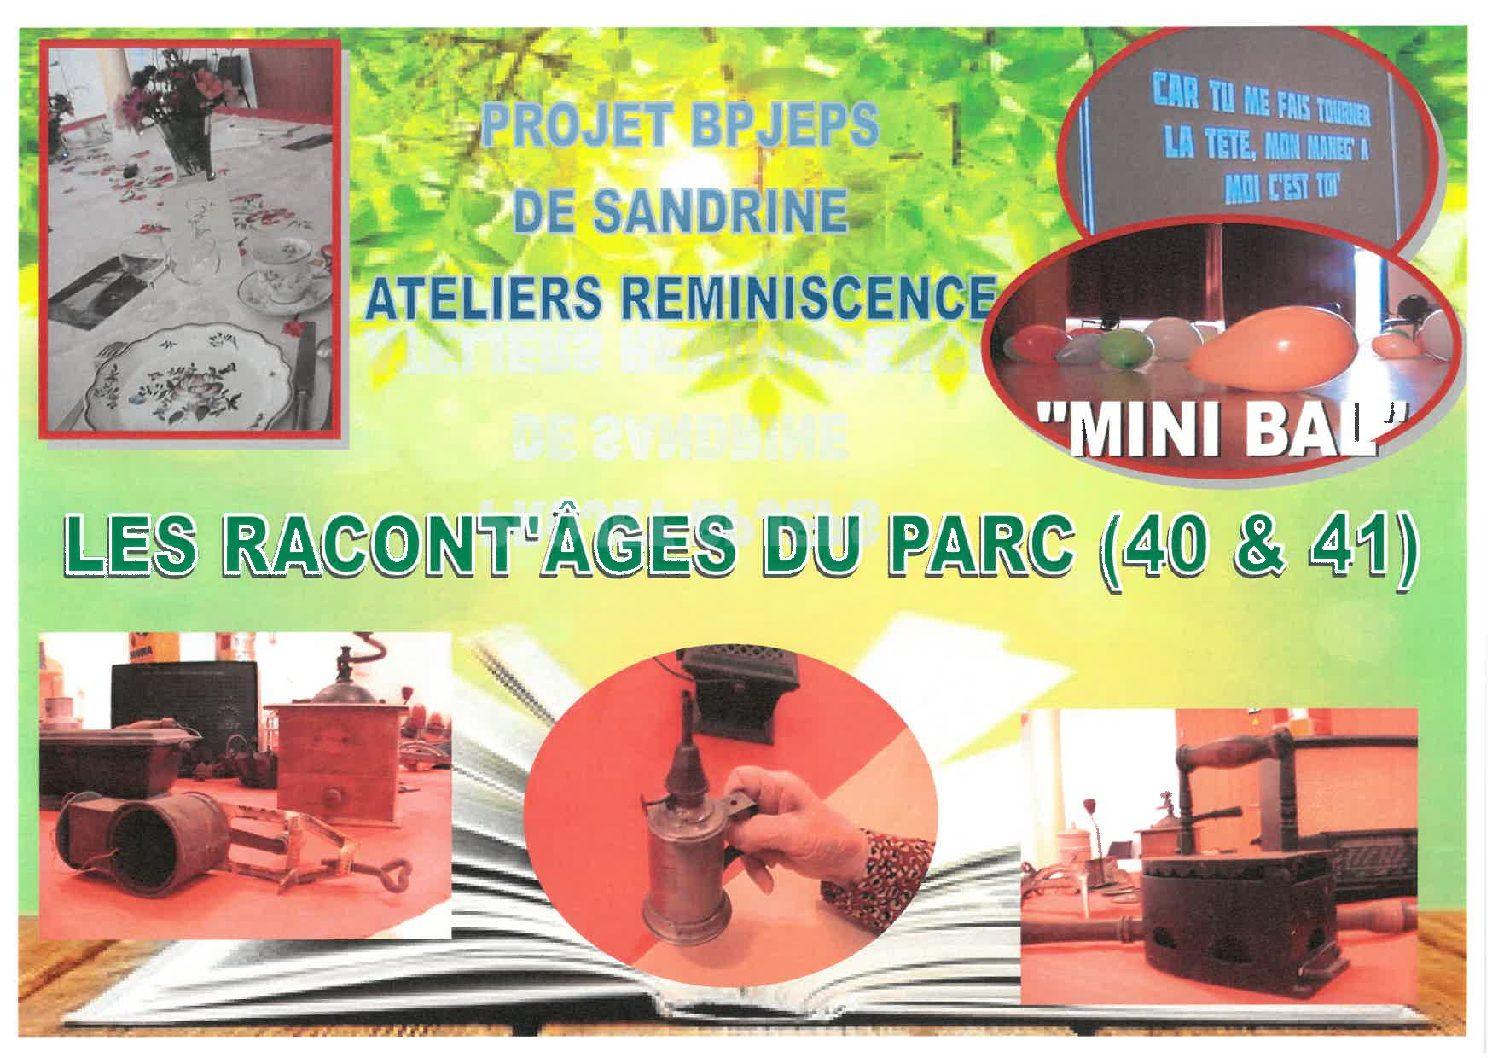 LES RACONT AGES DU PARC – SEMAINE 40 ET 41